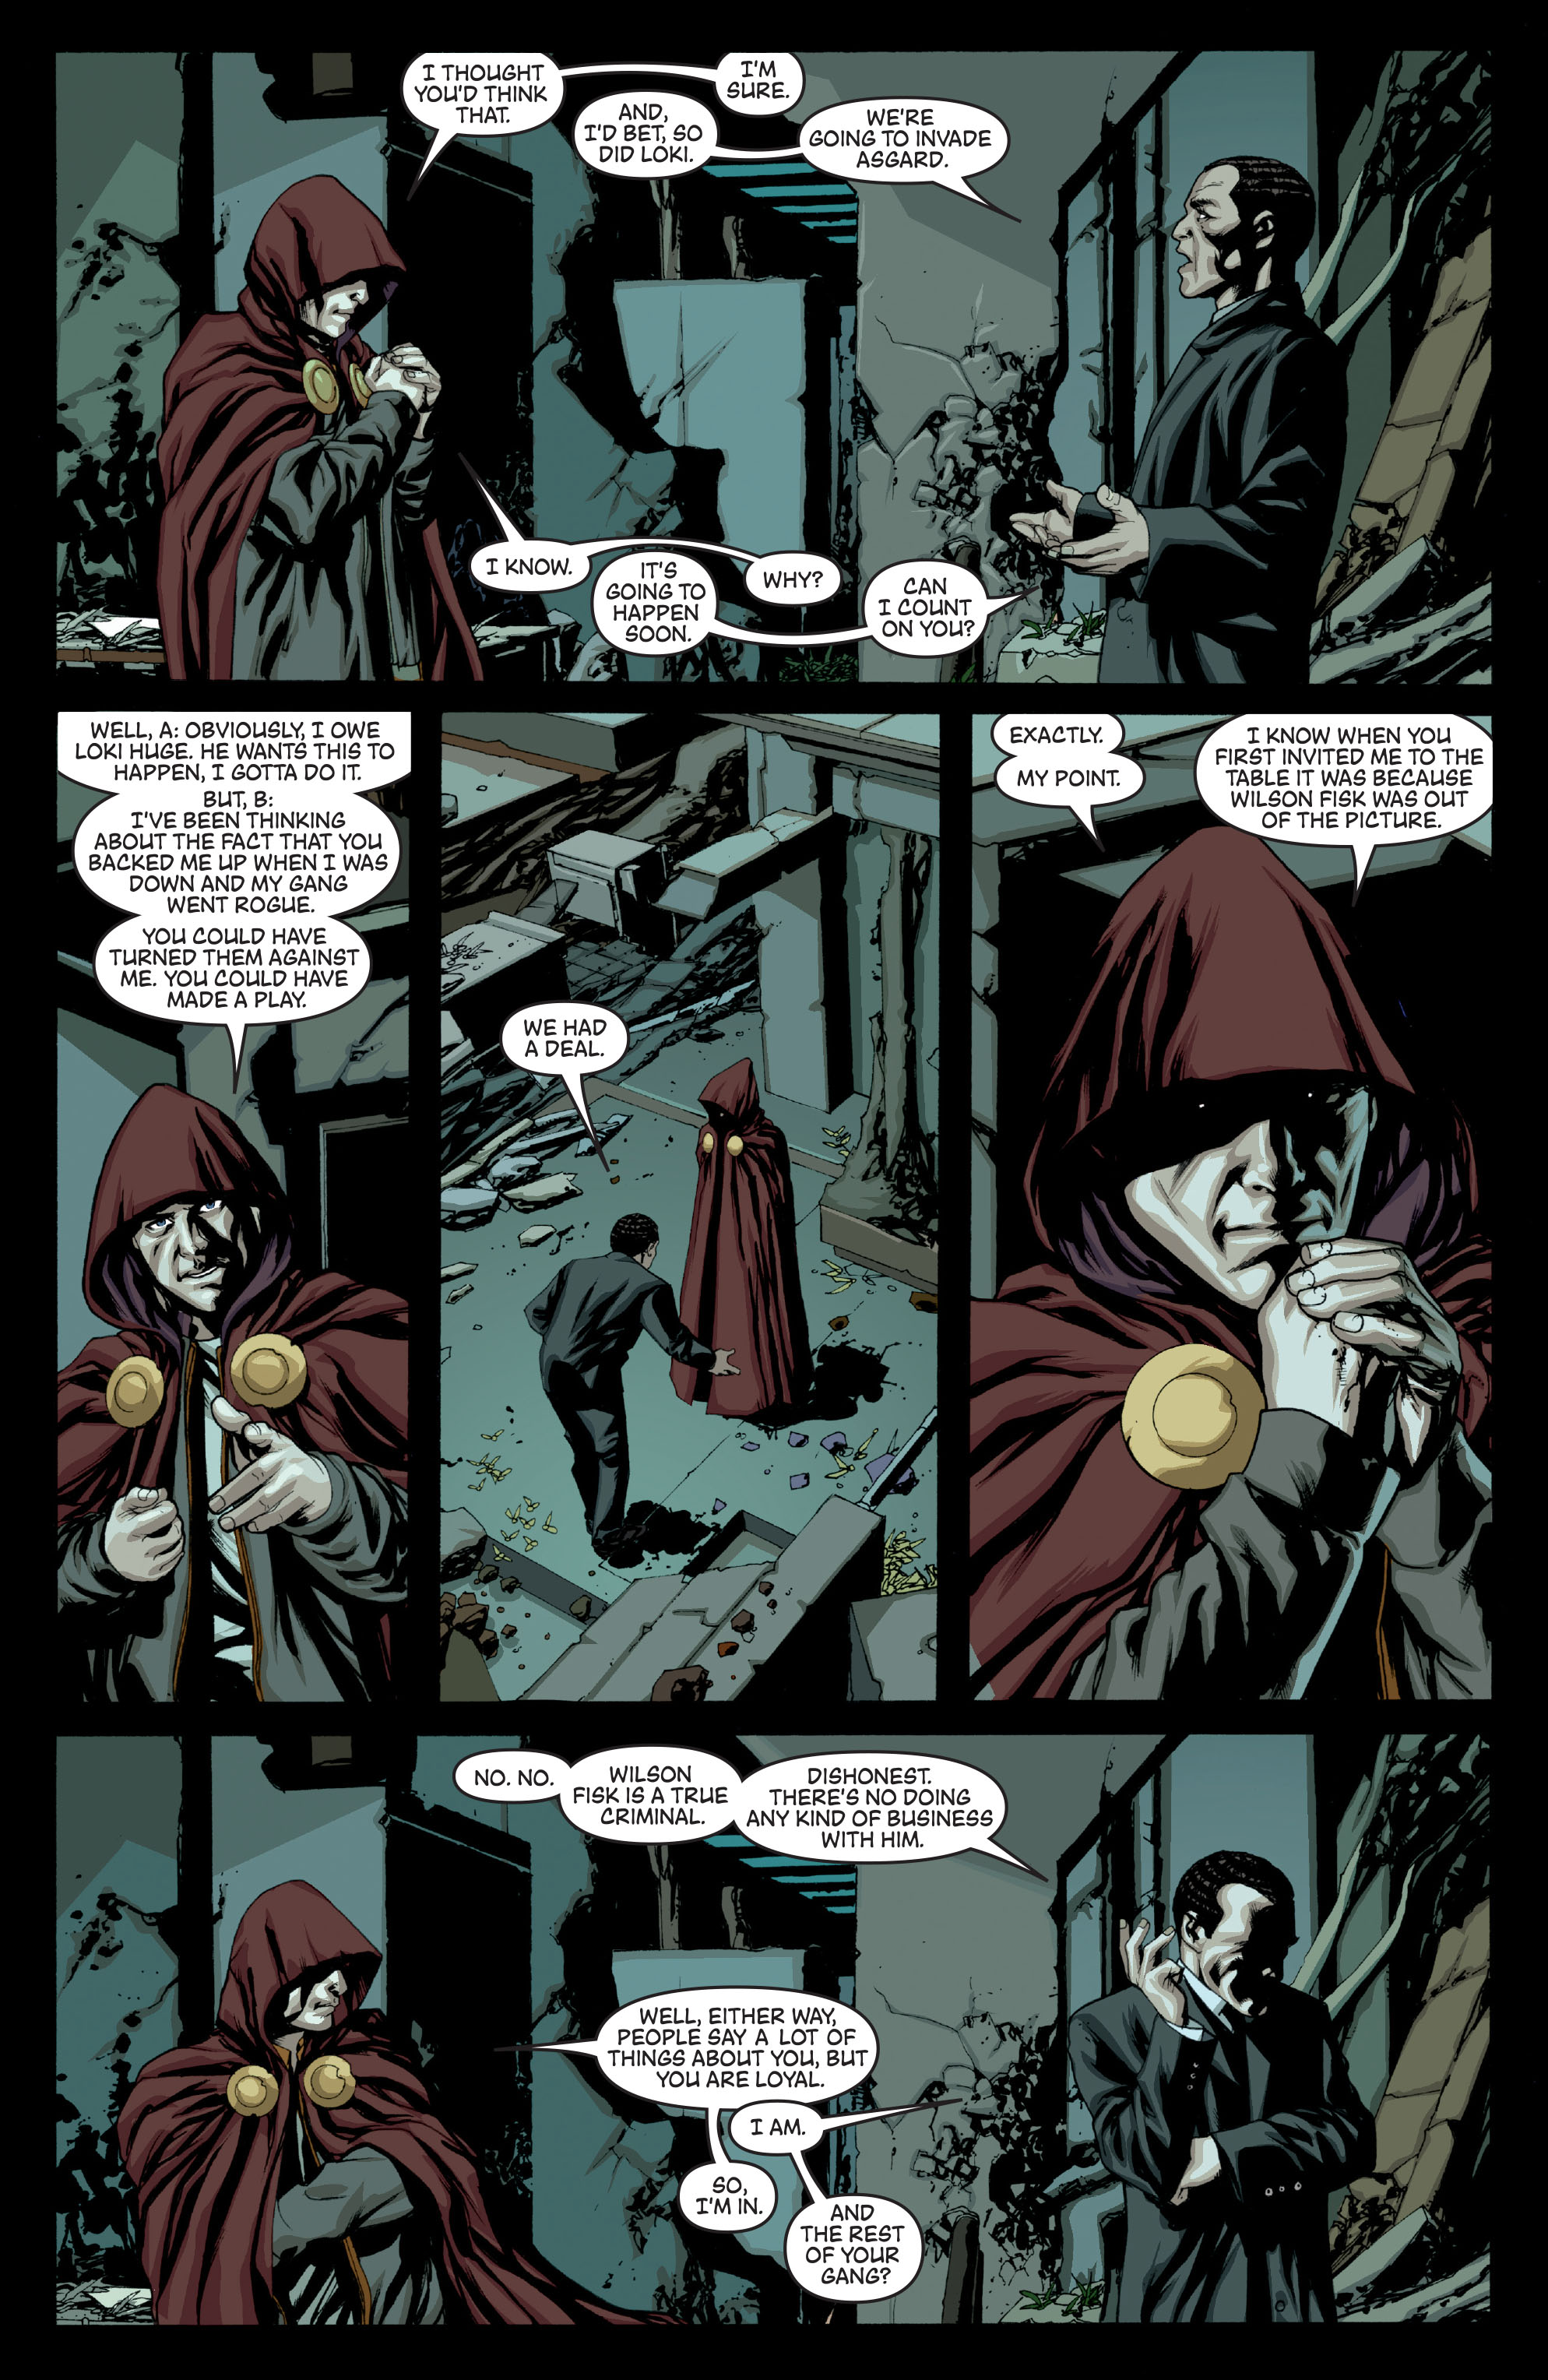 New Avengers (2005) chap 64 pic 5